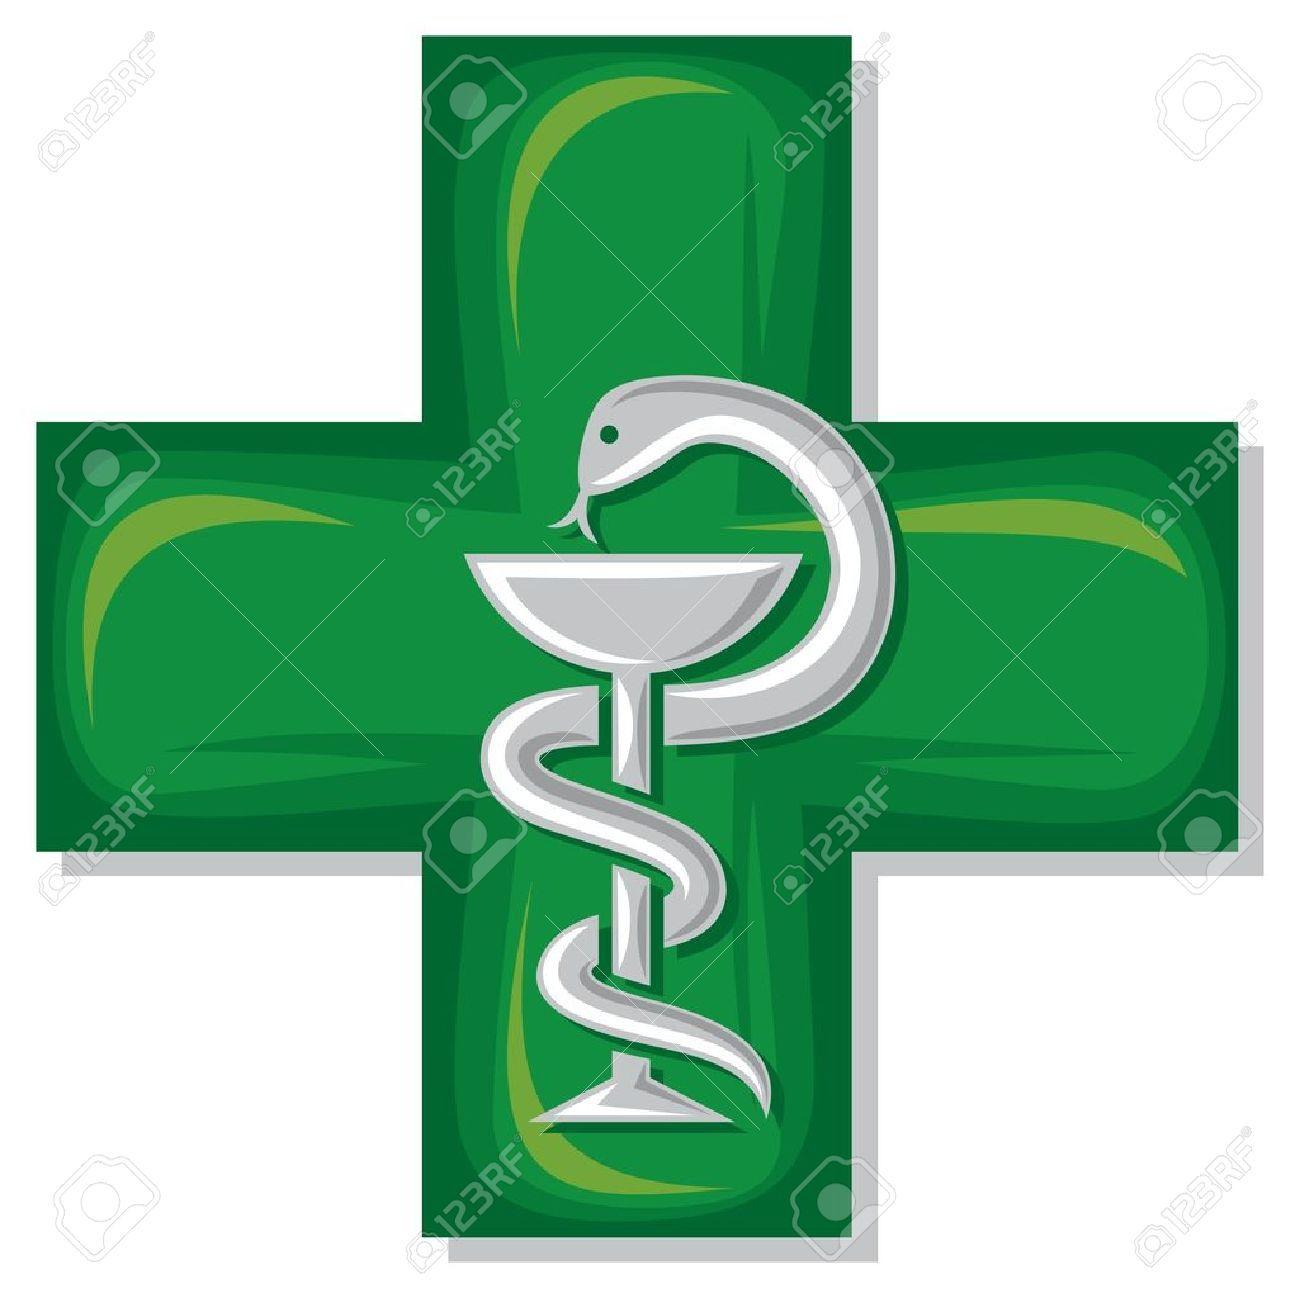 Medical Cross Symbol Emblem For Drugstore Or